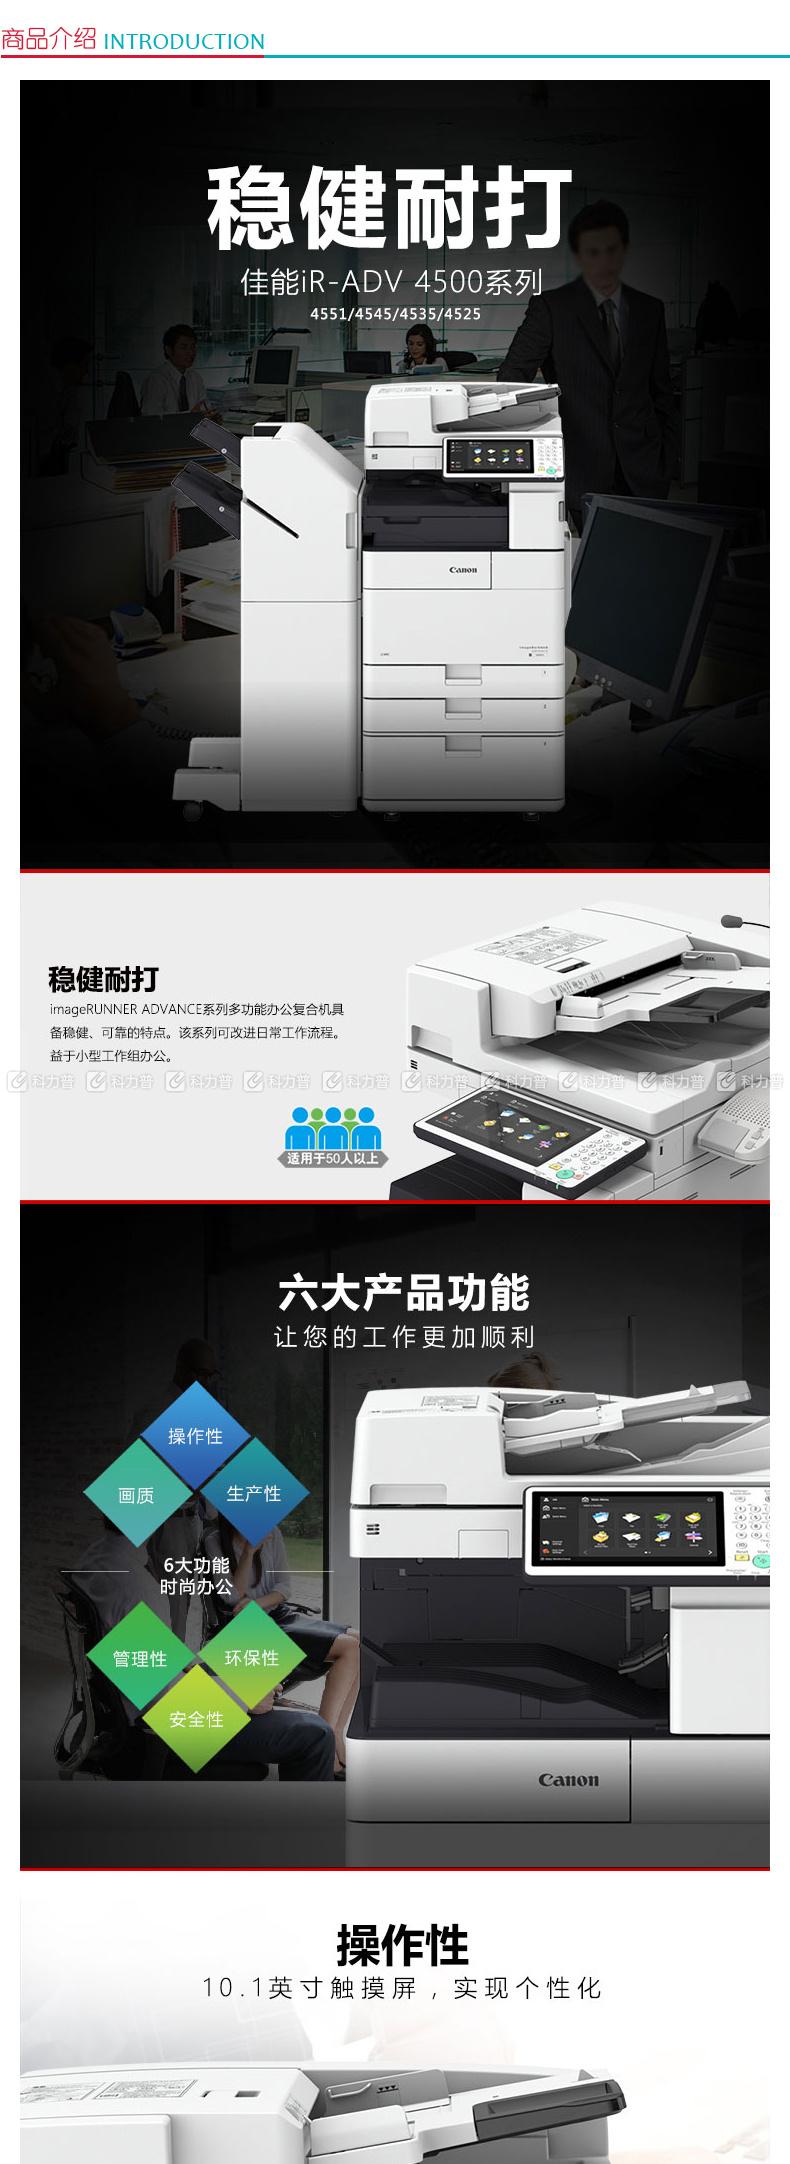 佳能 Canon A3黑白数码复印机 iR-ADV 4545  (复印/网络打印/网络扫描/标配WiFi/存储/发送/双纸盒/双面输稿器/工作台)